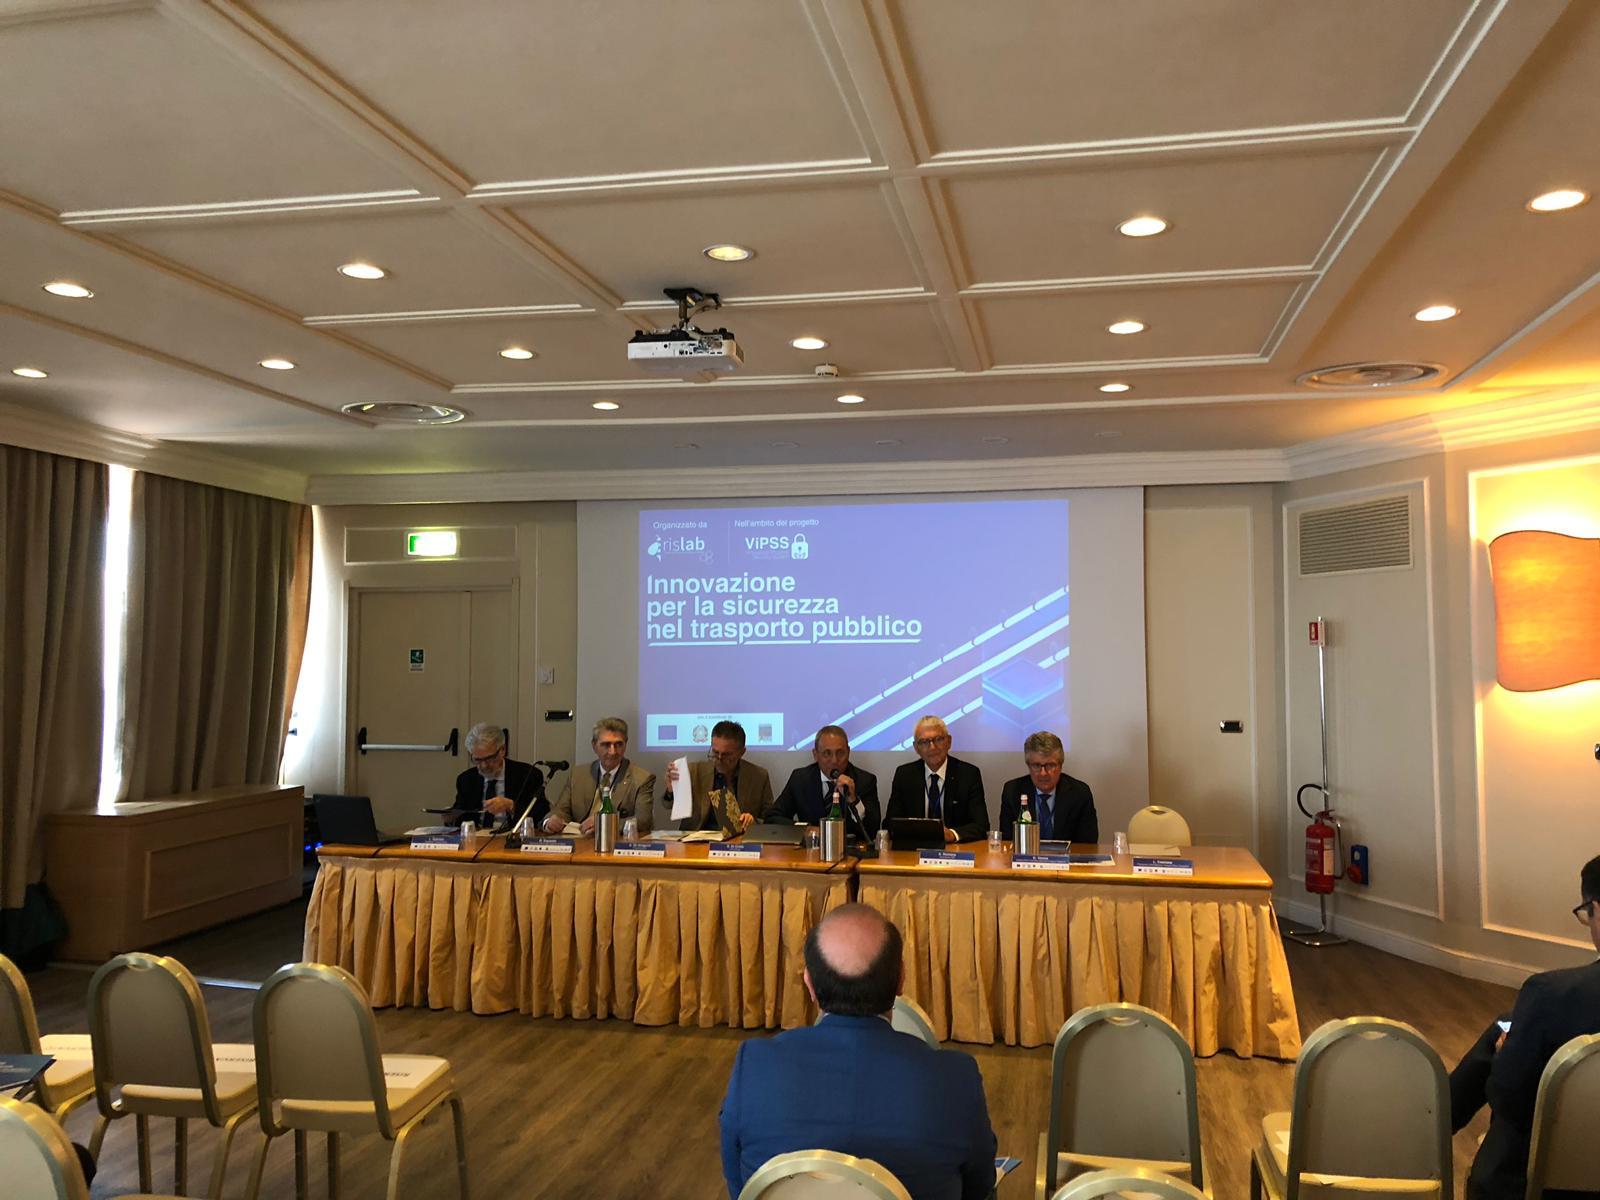 Trasporto Pubblico: nuove vulnerabilità e soluzioni innovative per la sicurezza